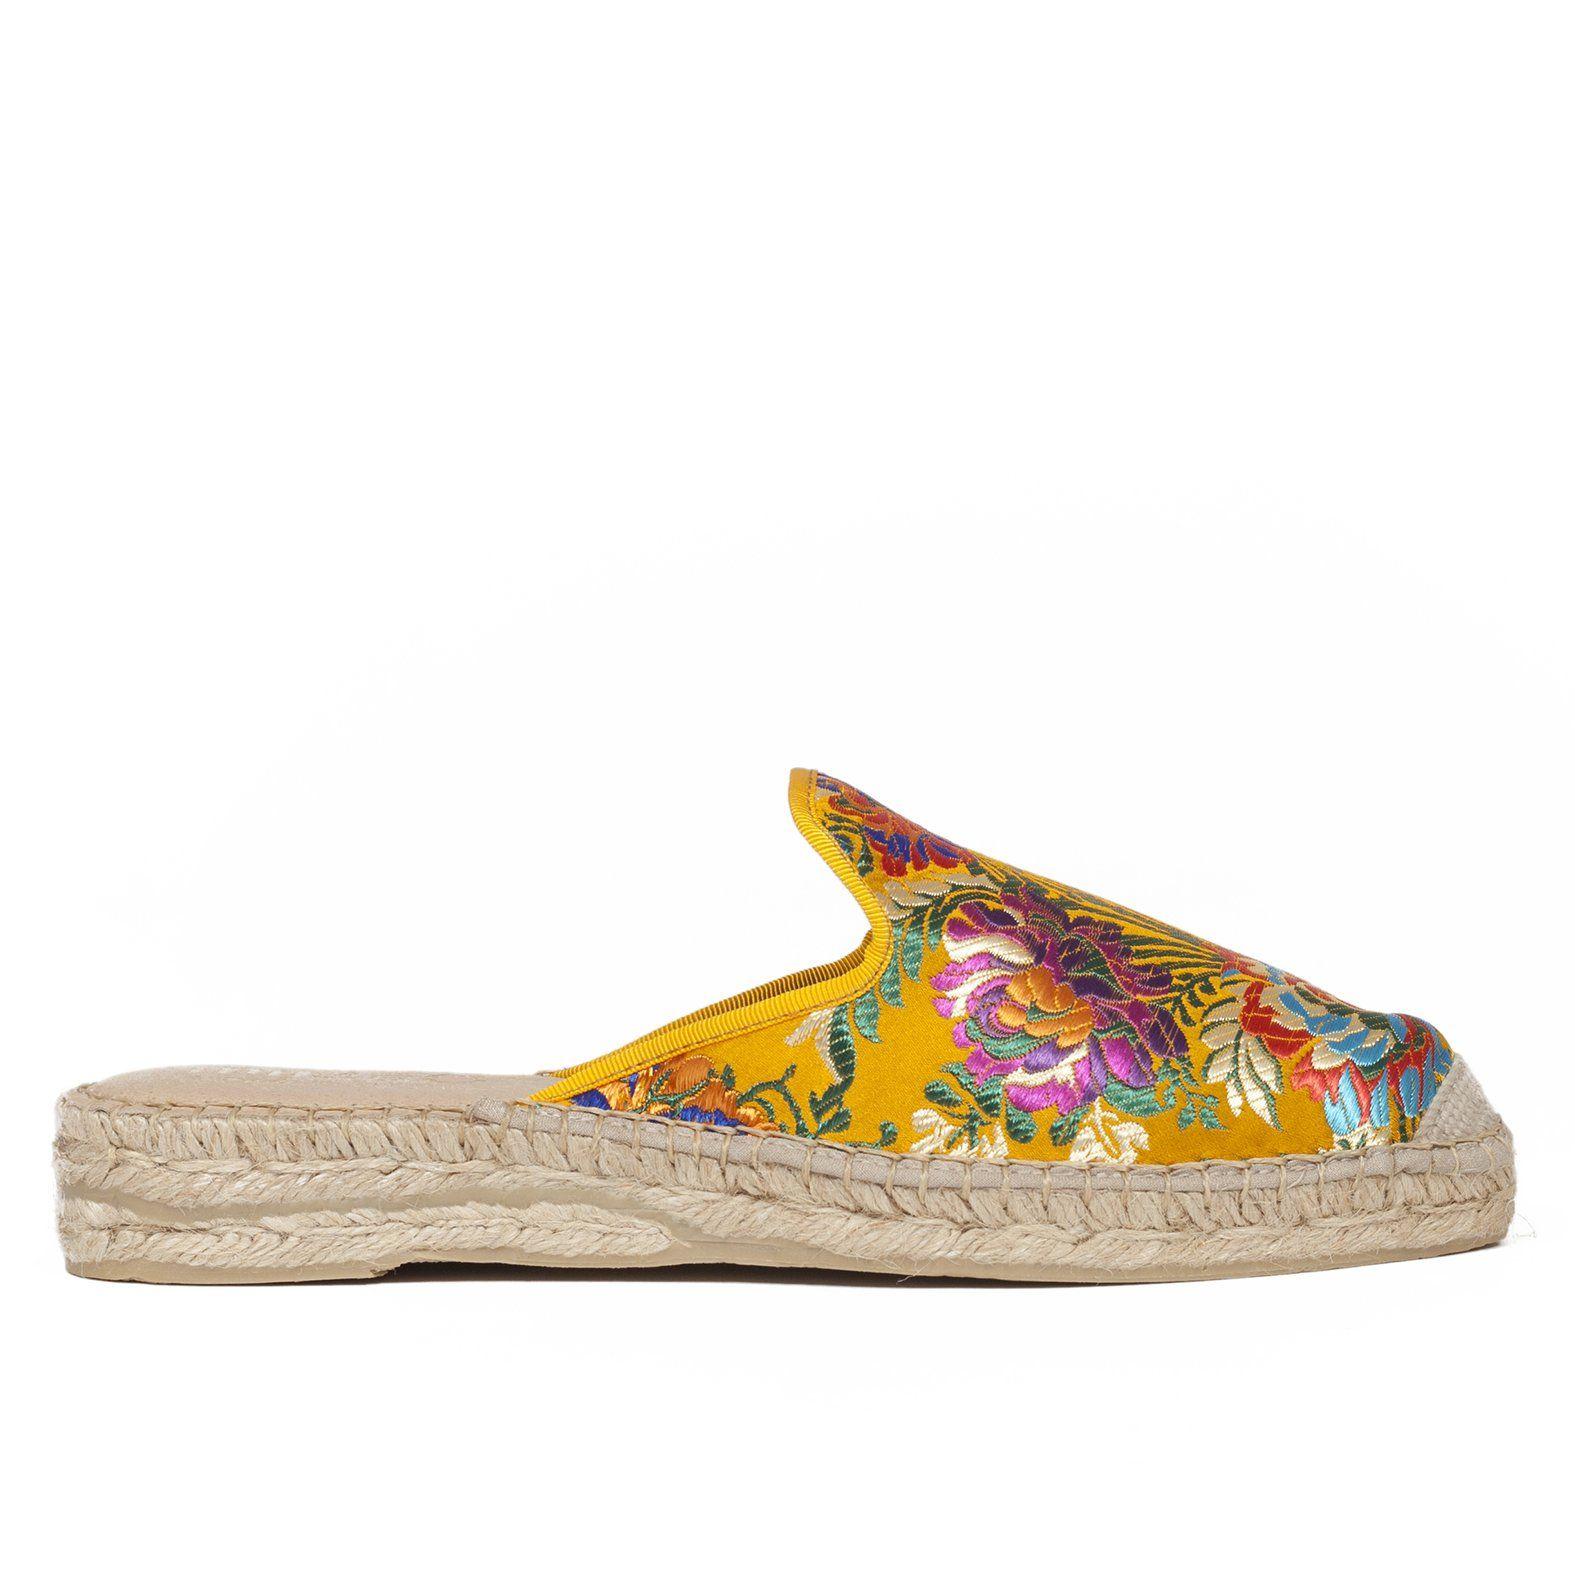 218f90dfc17 Alpargata Plataforma AMARILLO – Hecho en España miMaO Zapatos Online –  miMaO ShopOnline